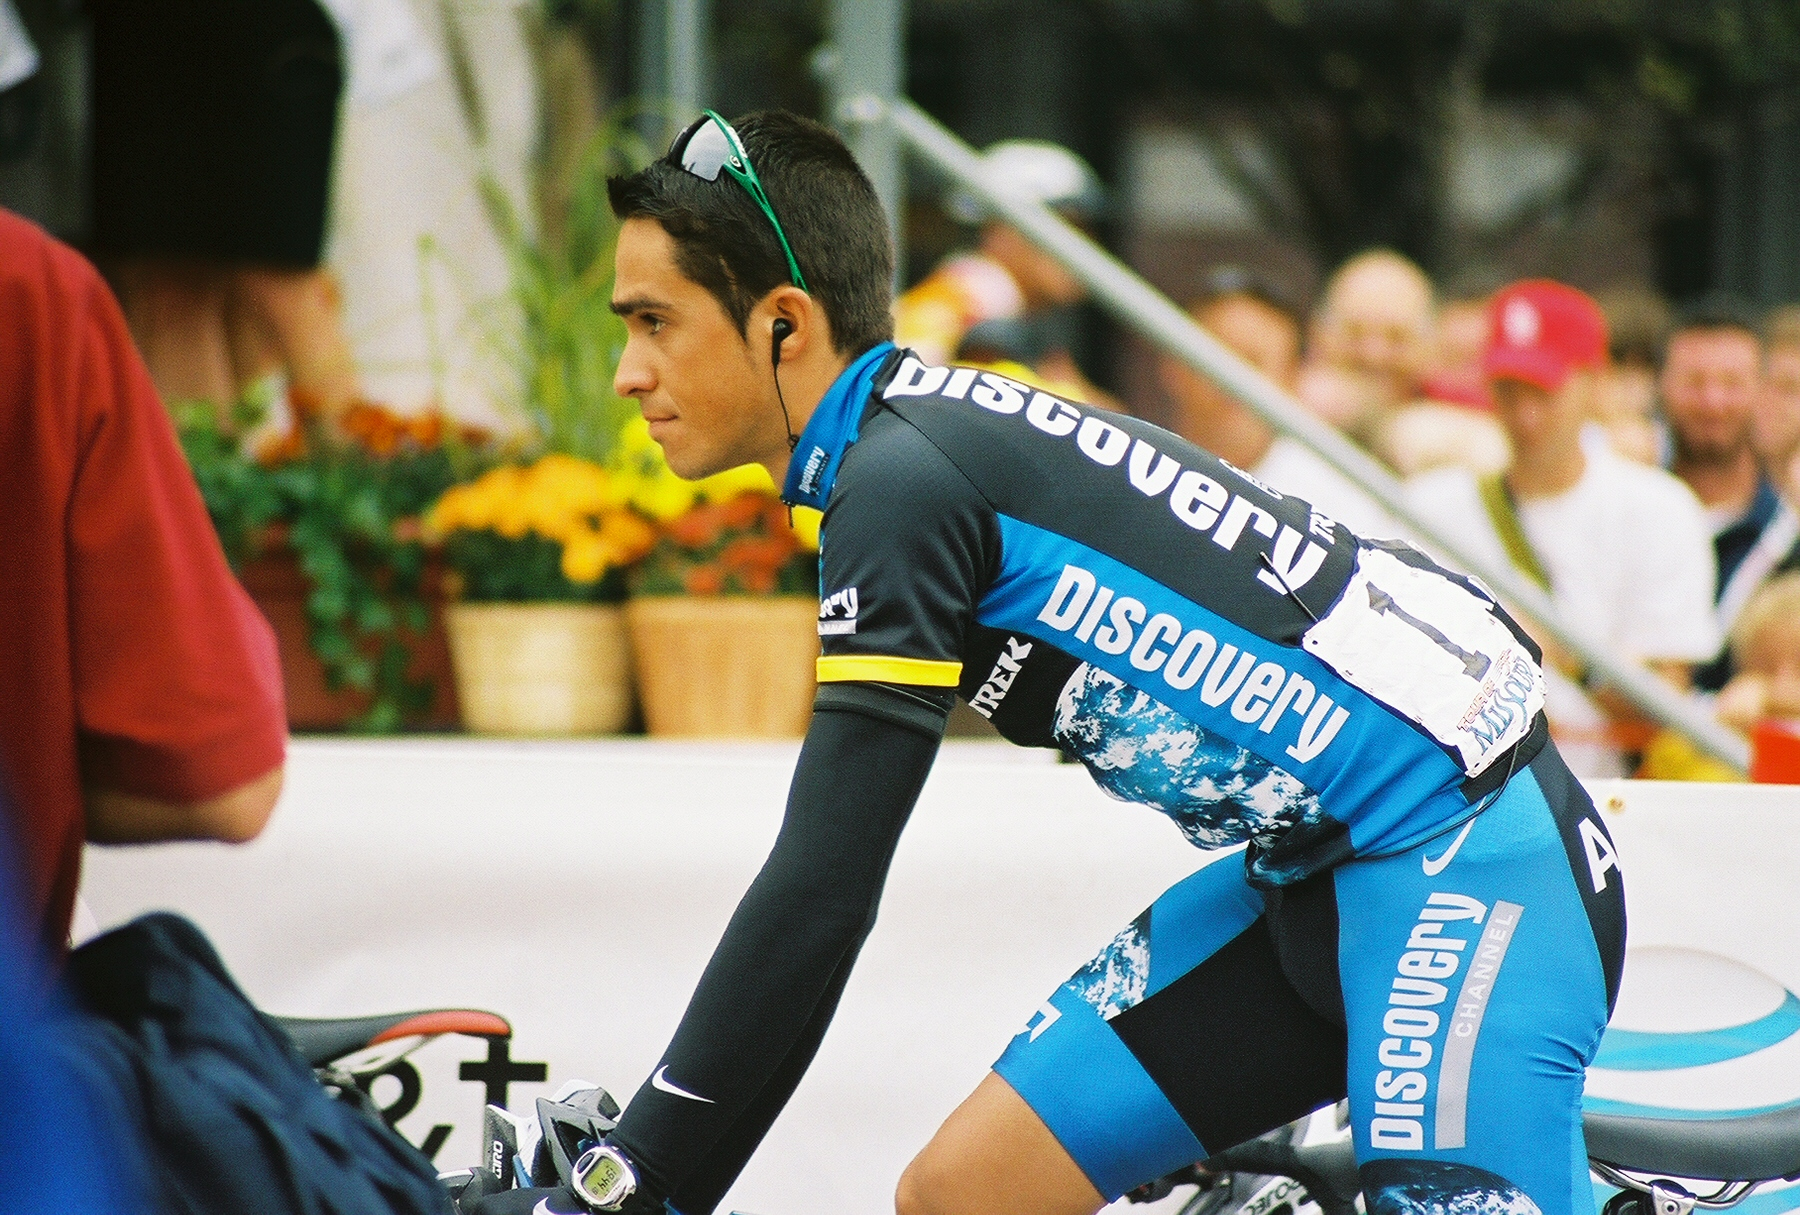 Resultado de imagen de Alberto contador 2007